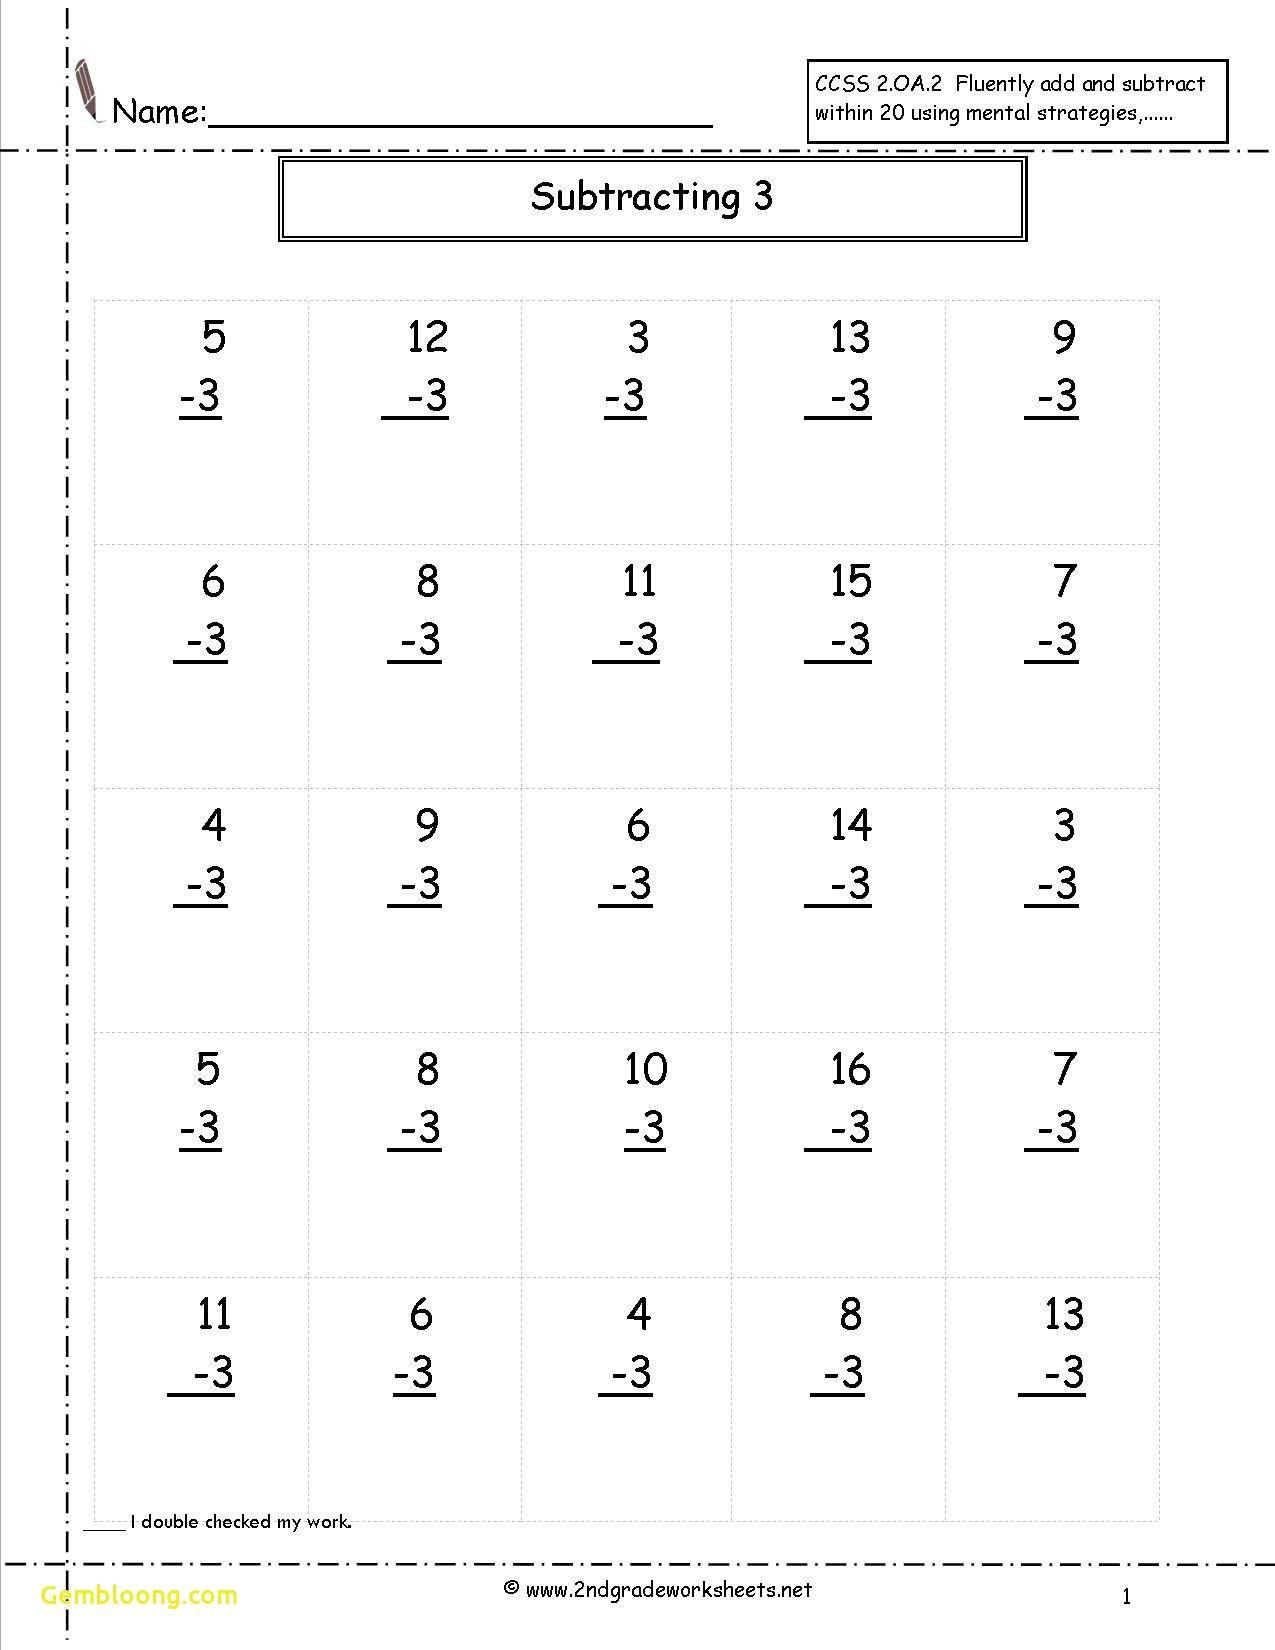 Official Money Addition Worksheets Worksheet Printable Subtraction Worksheets 2nd Grade Math Worksheets Free Math Worksheets